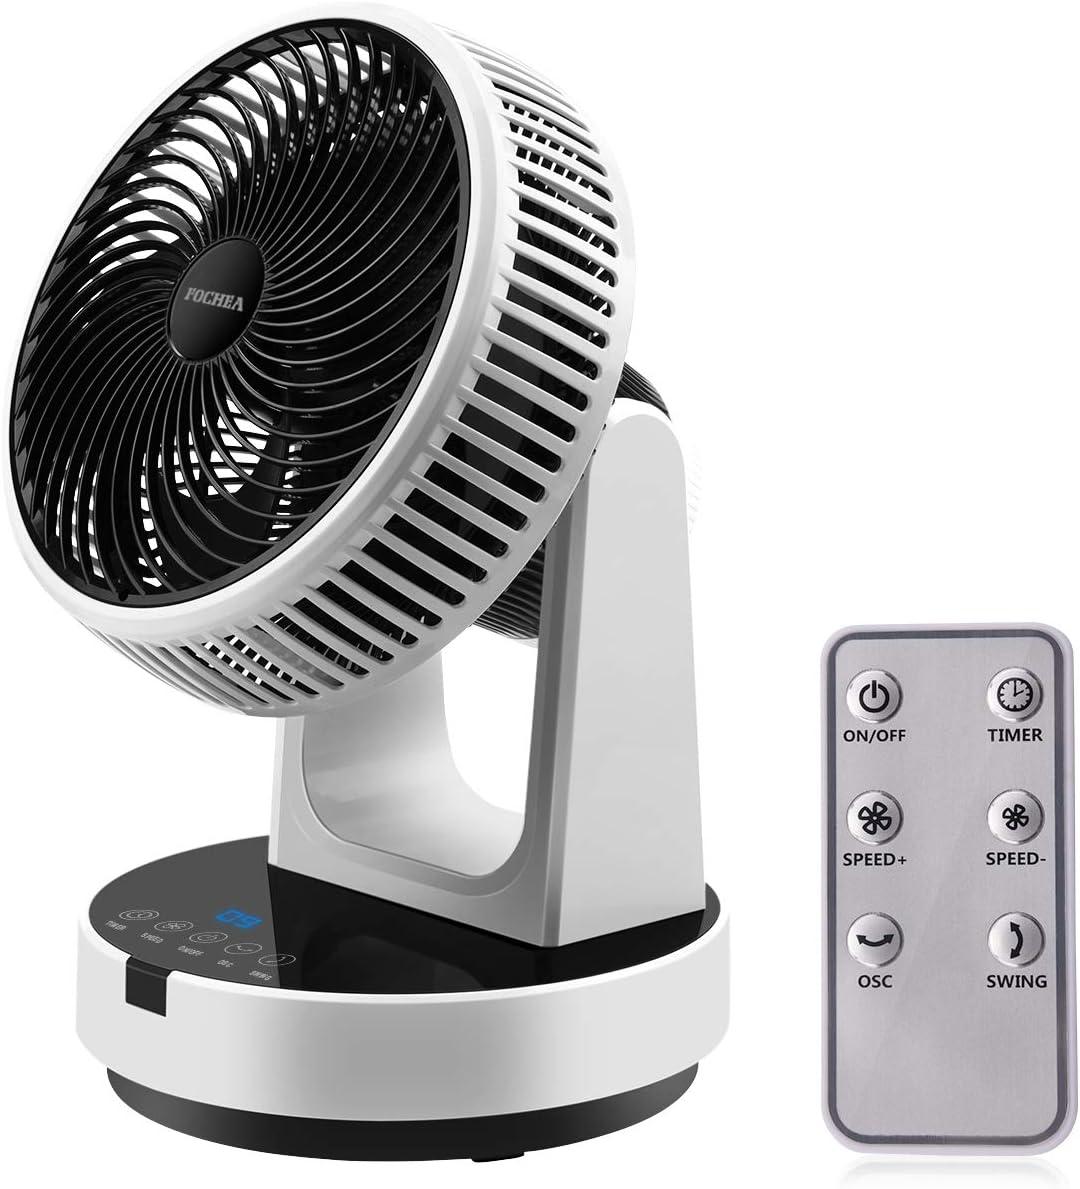 FOCHEA - Ventilador de mesa turbo potente con mando a distancia, 12 niveles ajustables, oscilante horizontal vertical